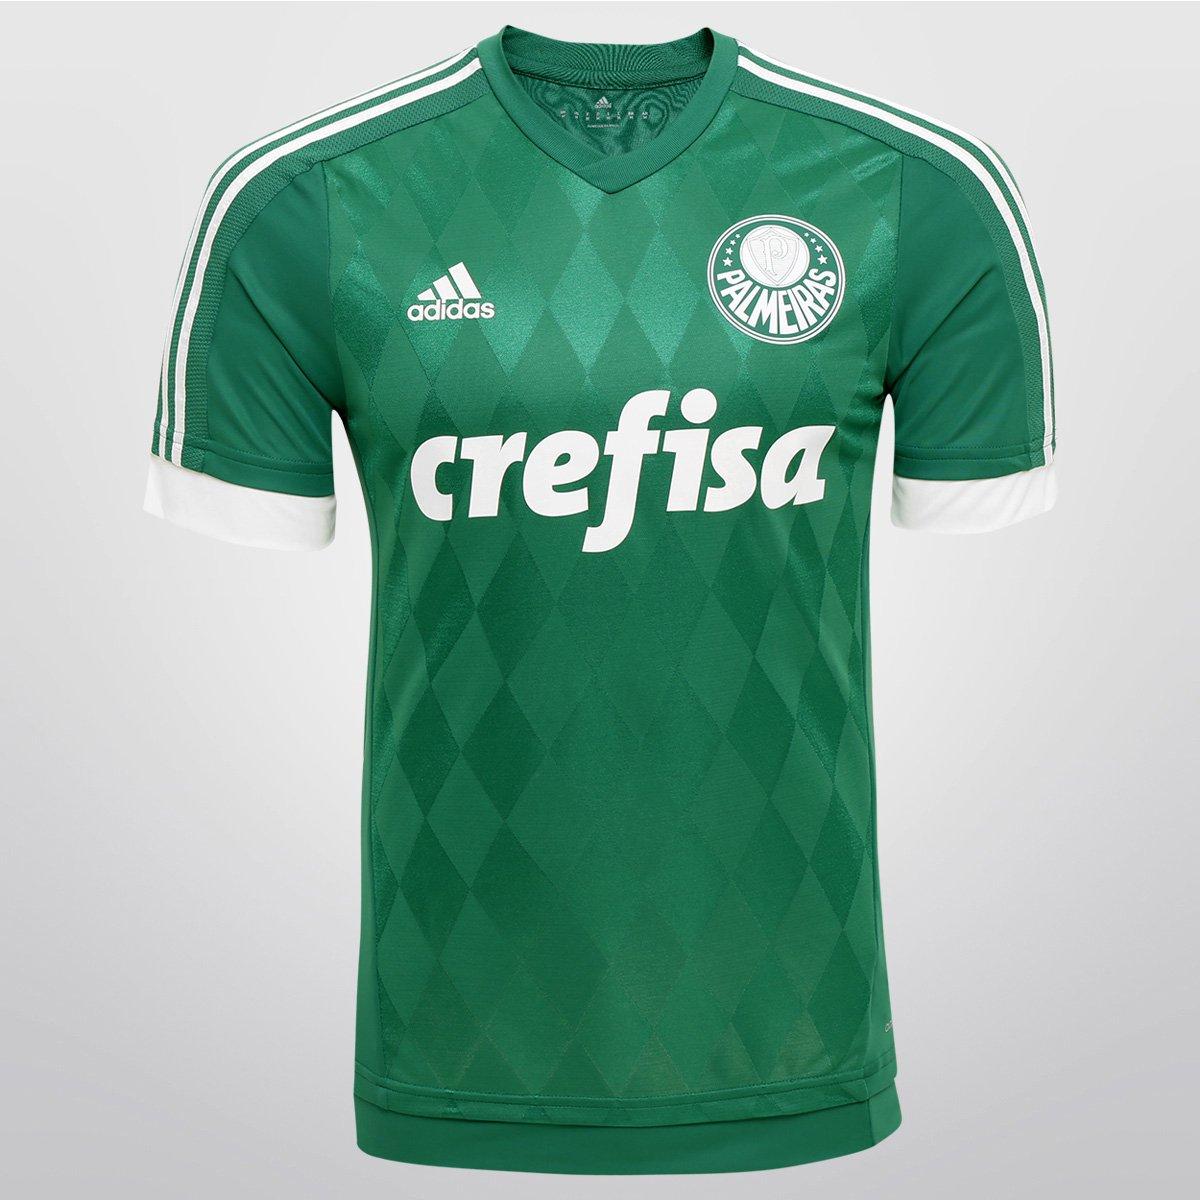 e9f3385b44 Camisa Adidas Palmeiras I 15 16 s nº - Jogador - Compre Agora